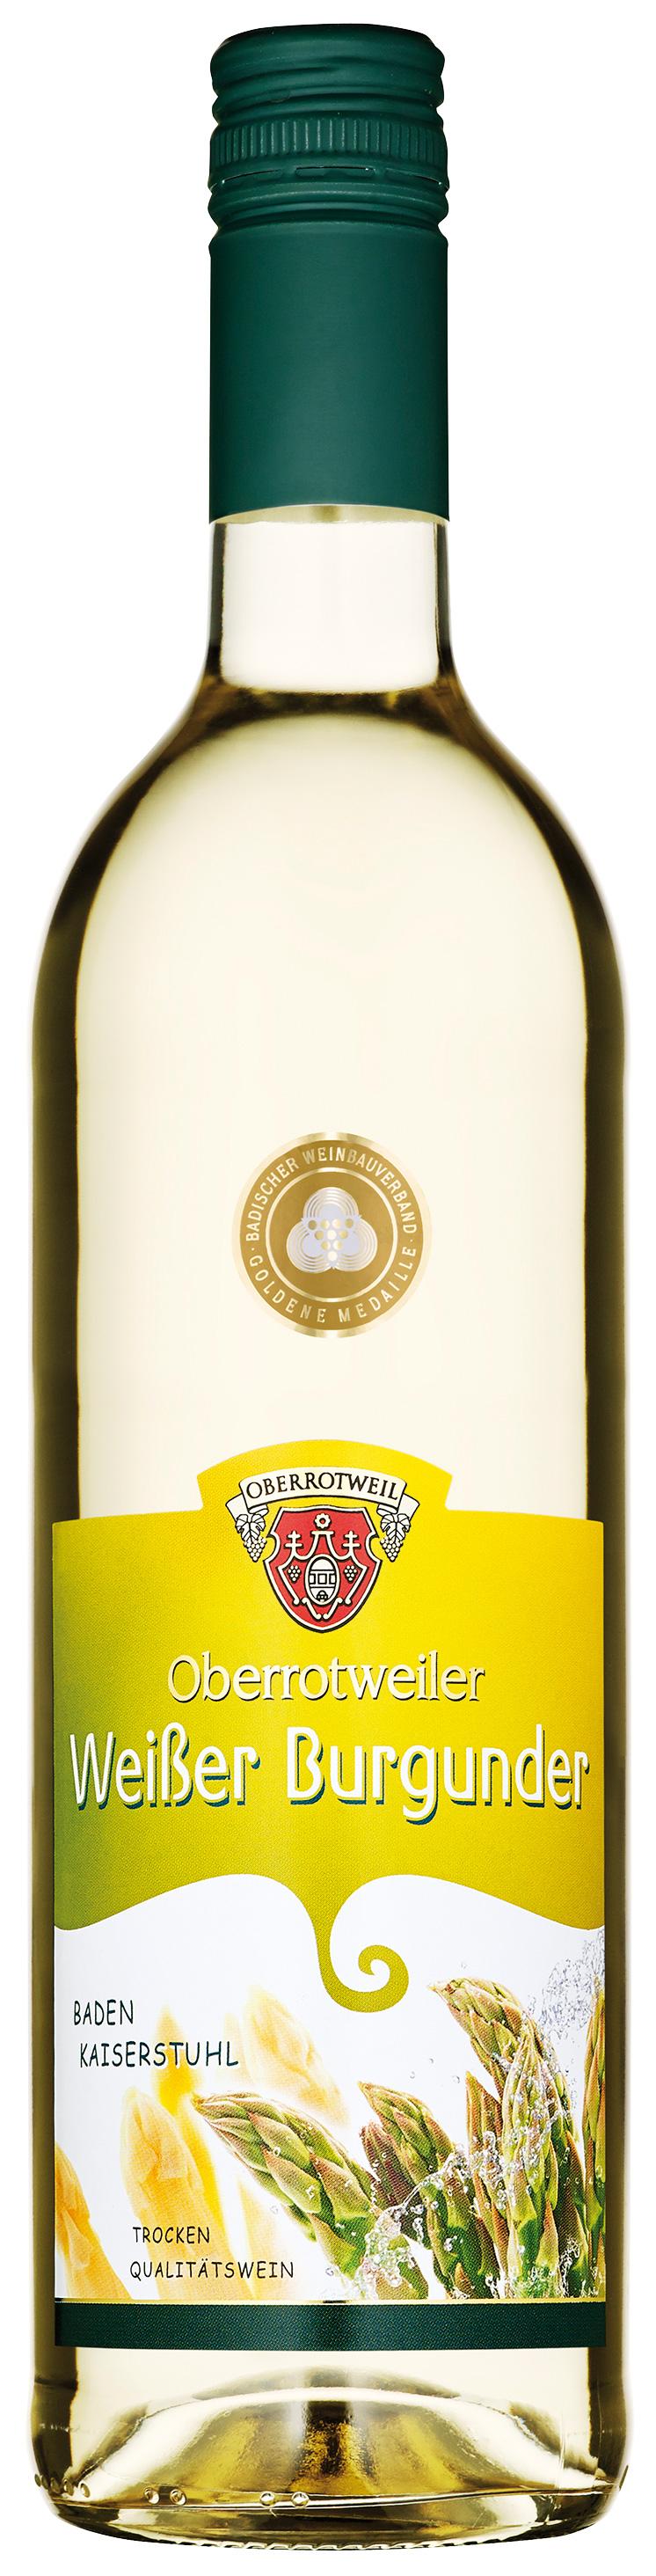 Oberrotweiler Weißer Burgunder trocken